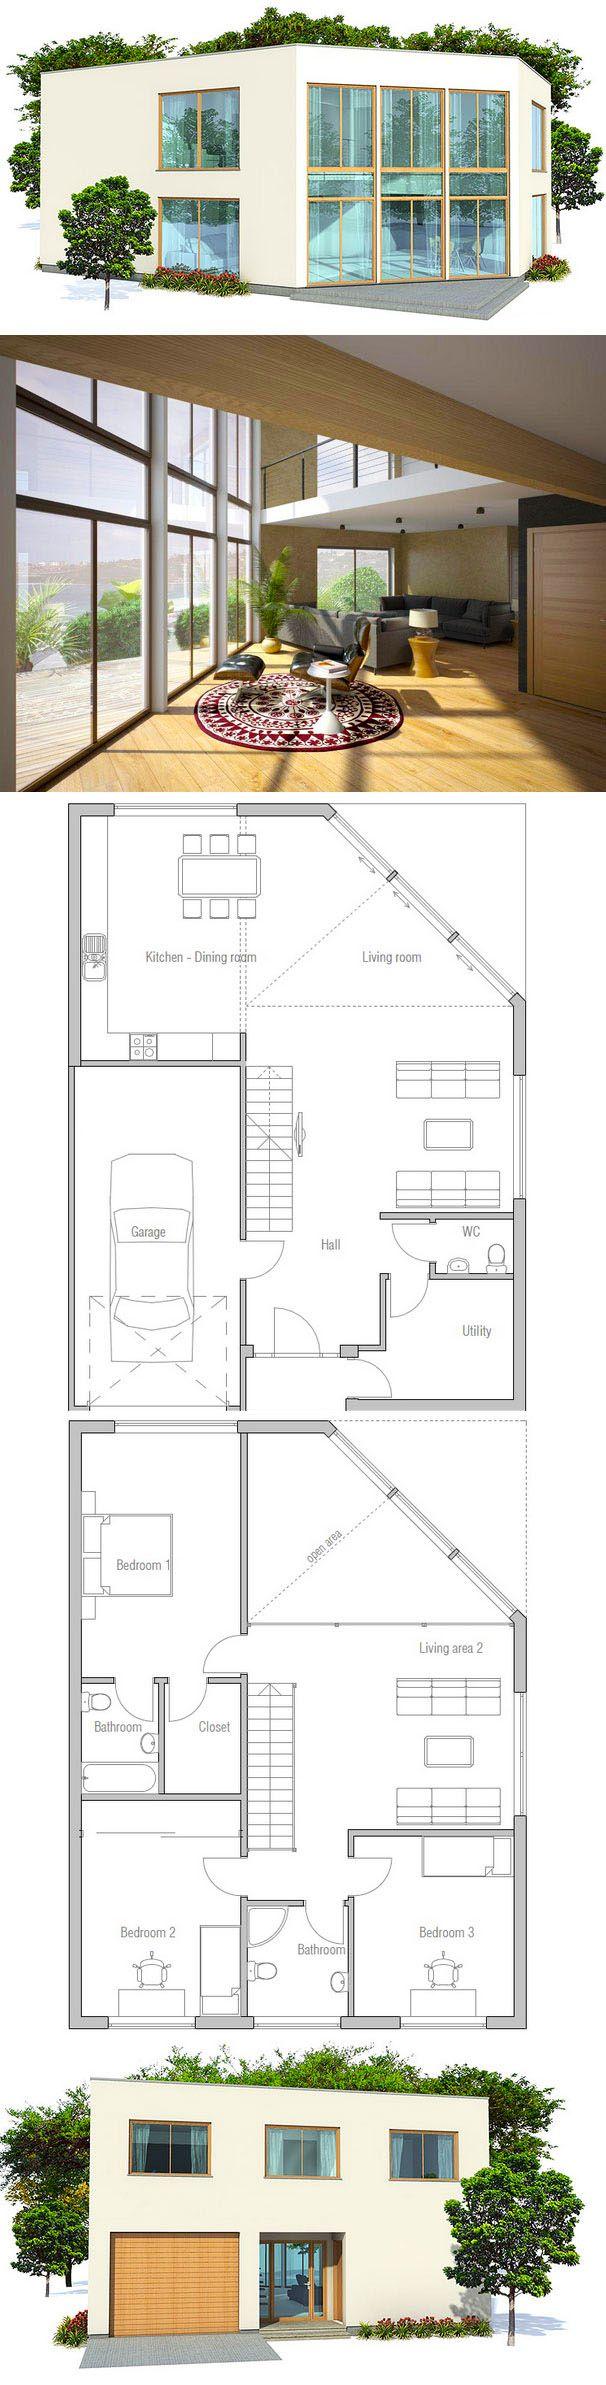 Inspirational Hausplan modernes Haus